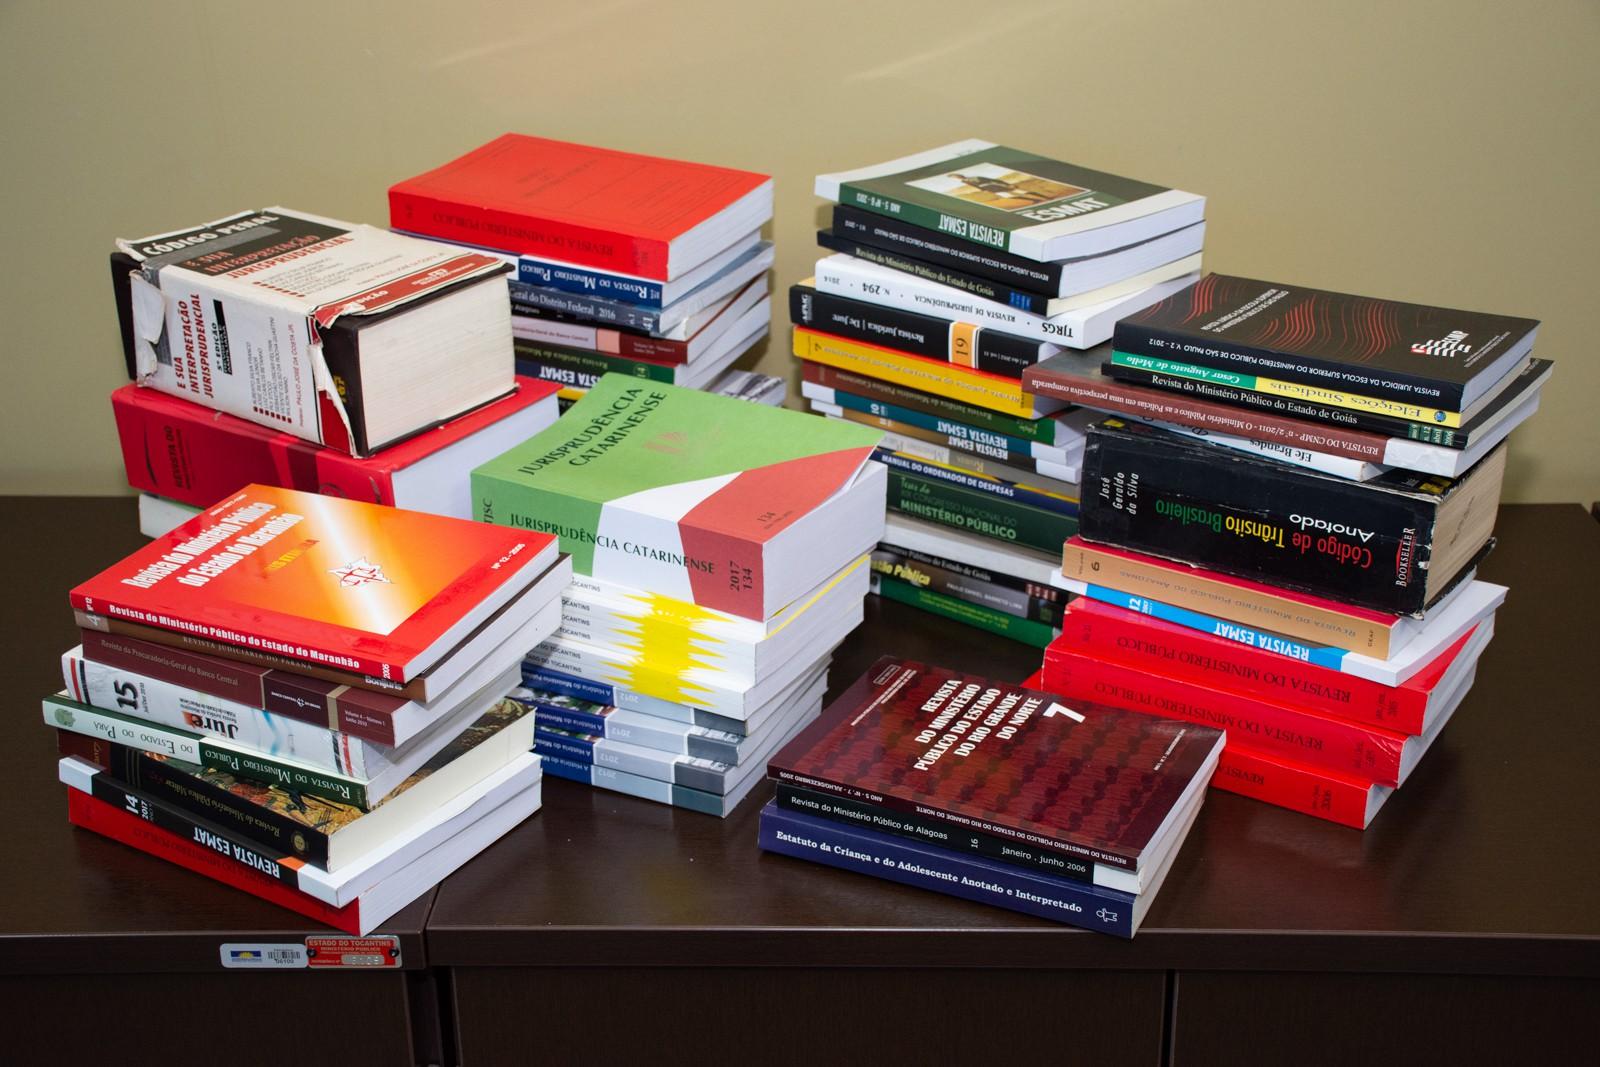 Procuradoria-Geral de Justiça doa livros para unidade prisional de Palmas